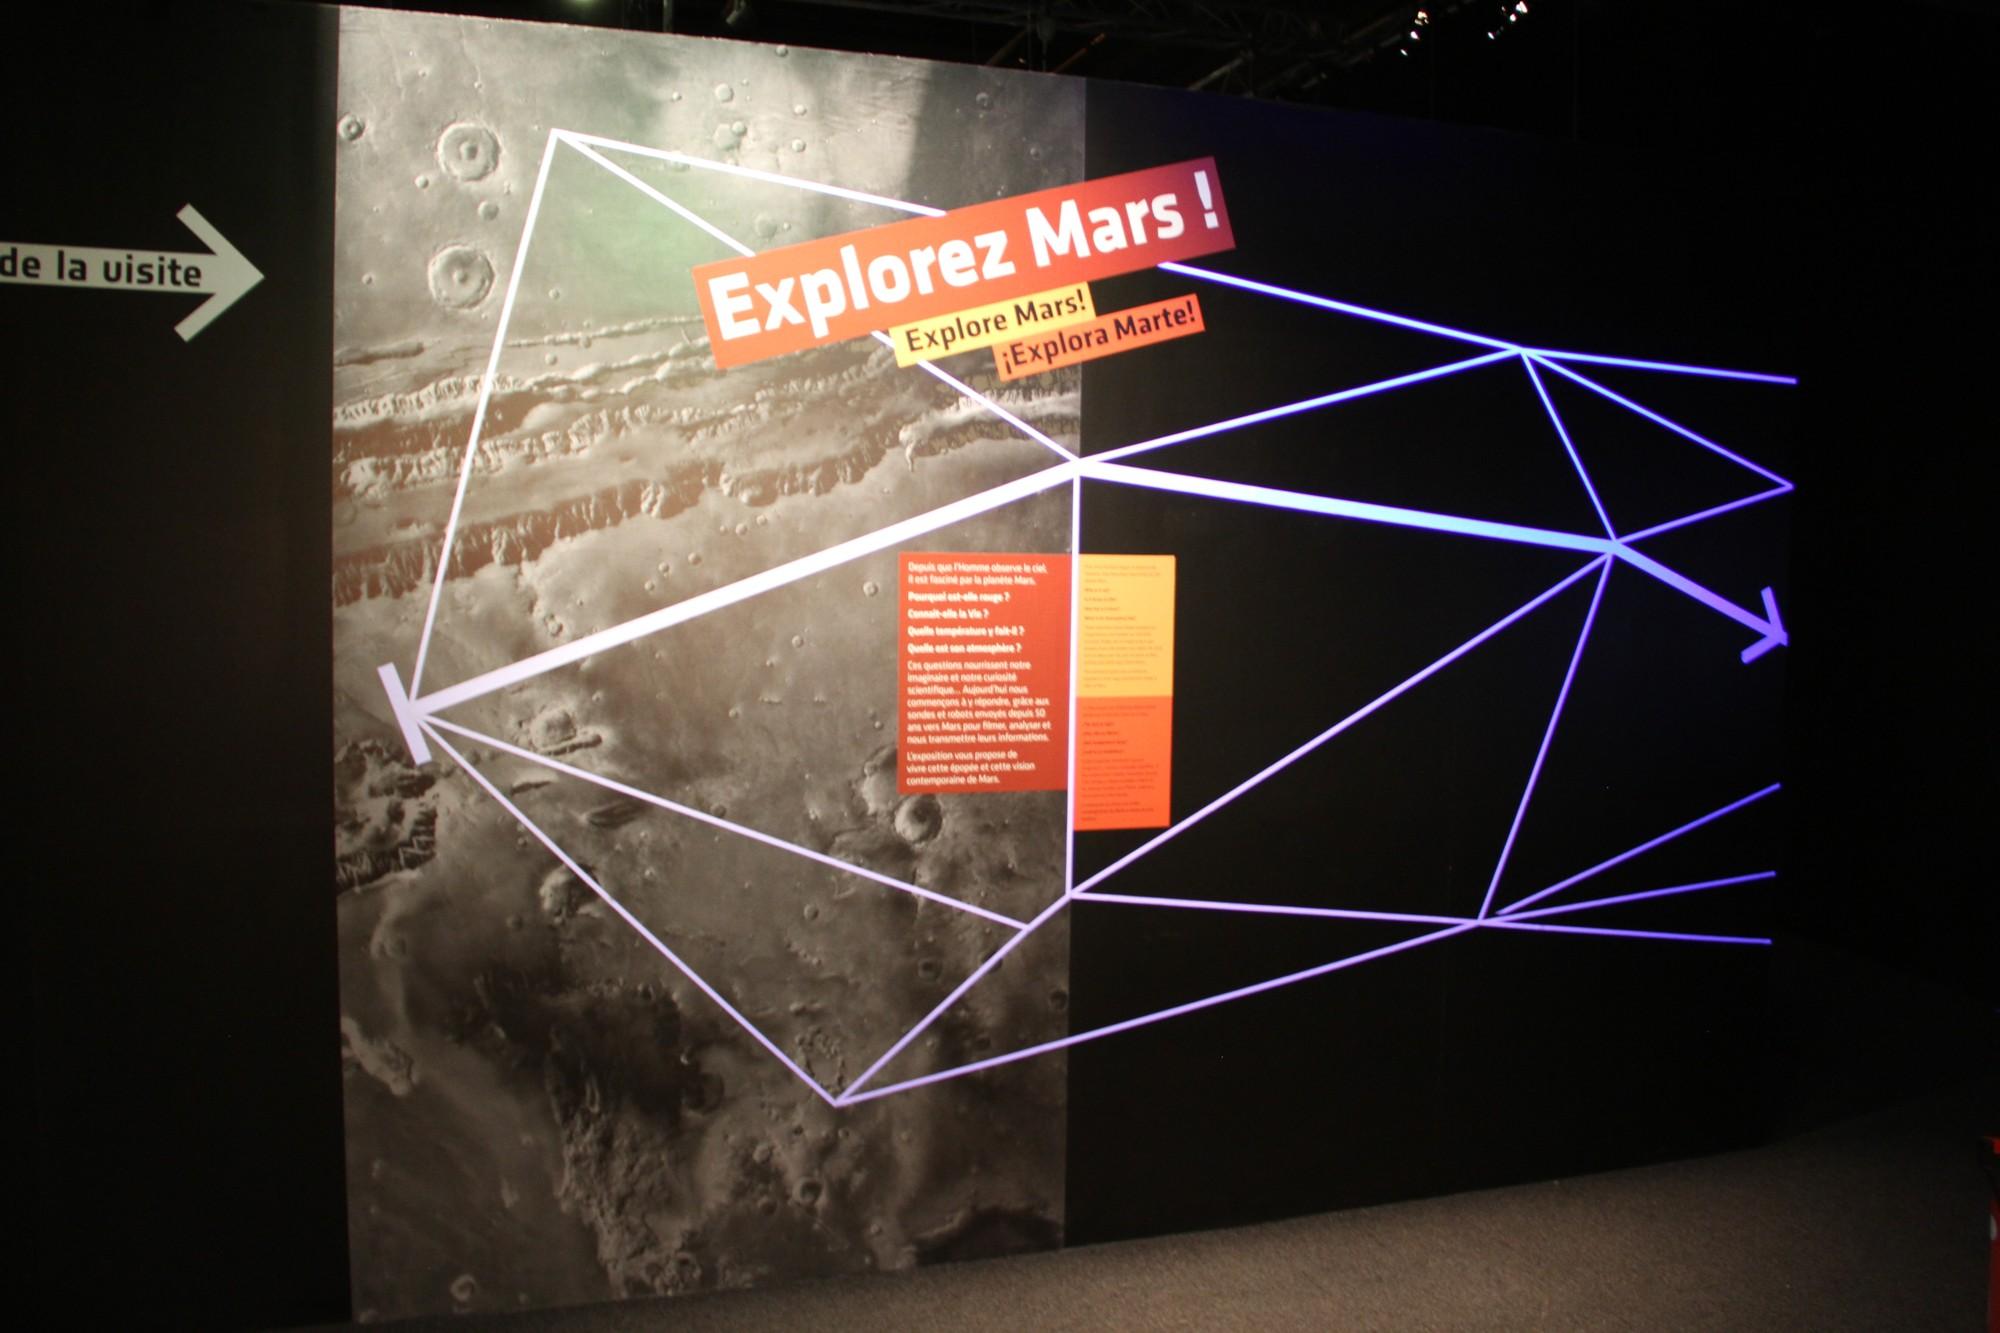 16 02 18 - 16h 45m 45s - explorez mars palais de la découverte r